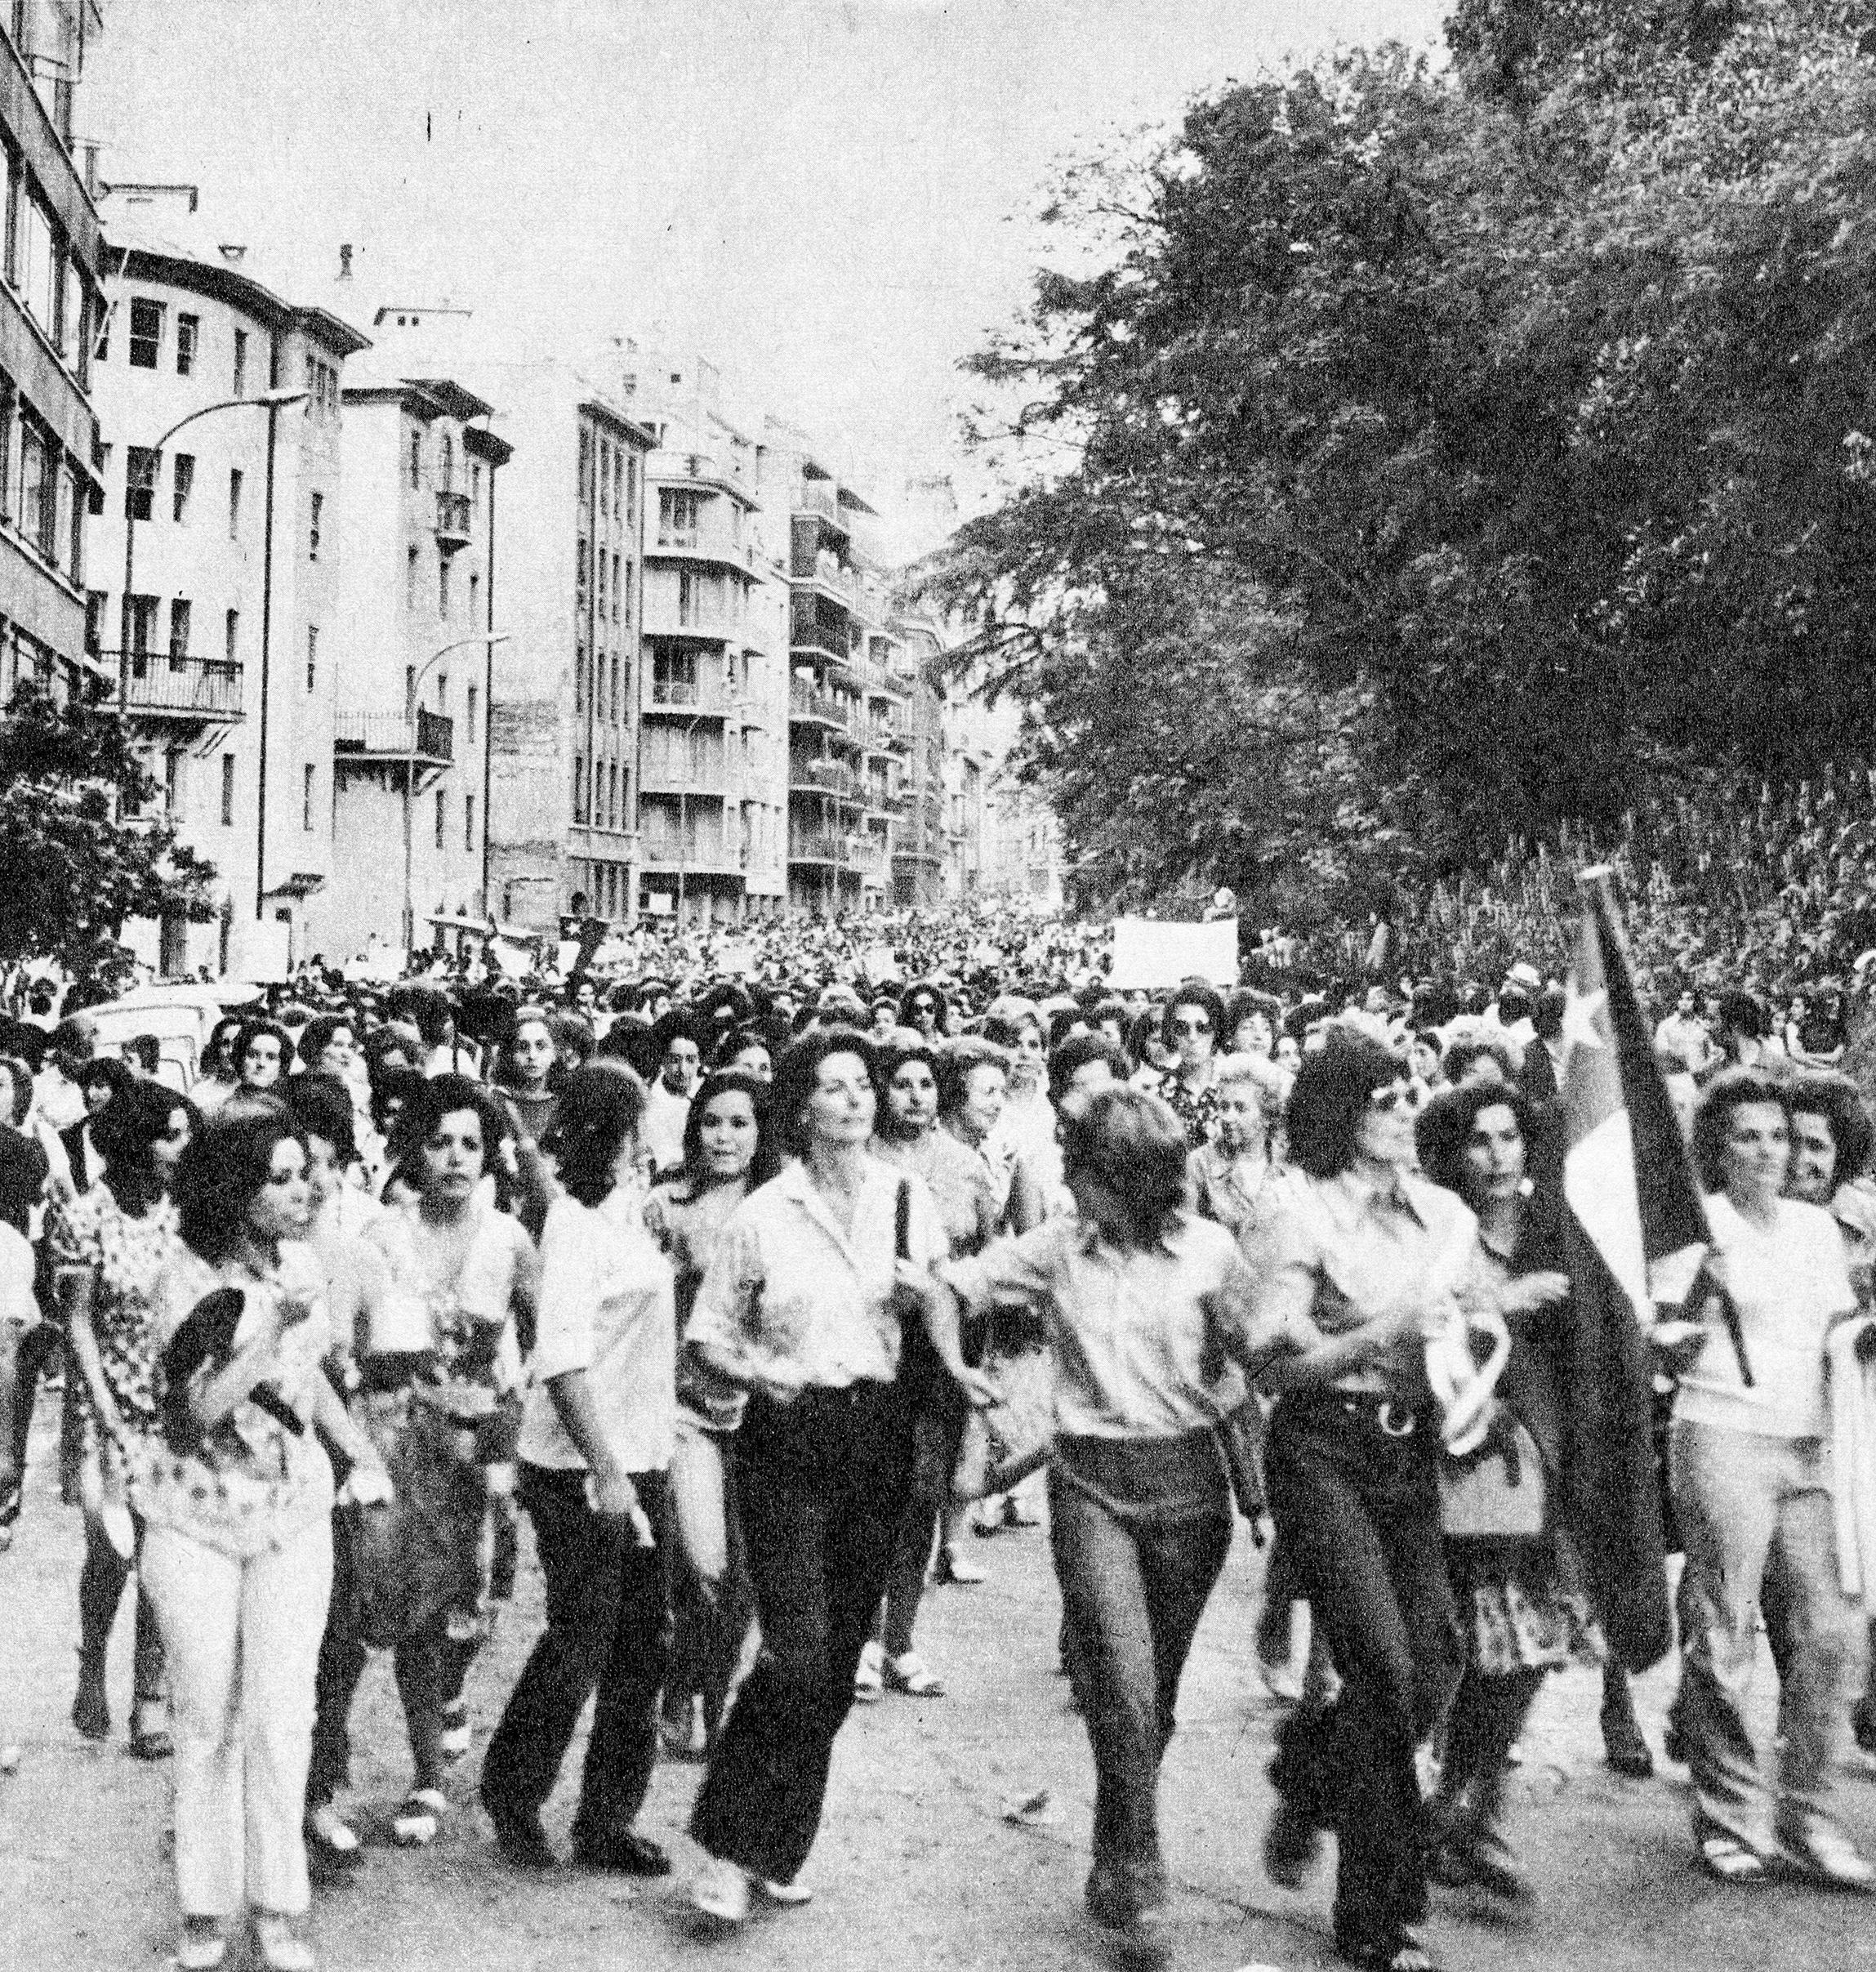 Enterreno - Fotos históricas de chile - fotos antiguas de Chile - Marcha de mujeres 1971